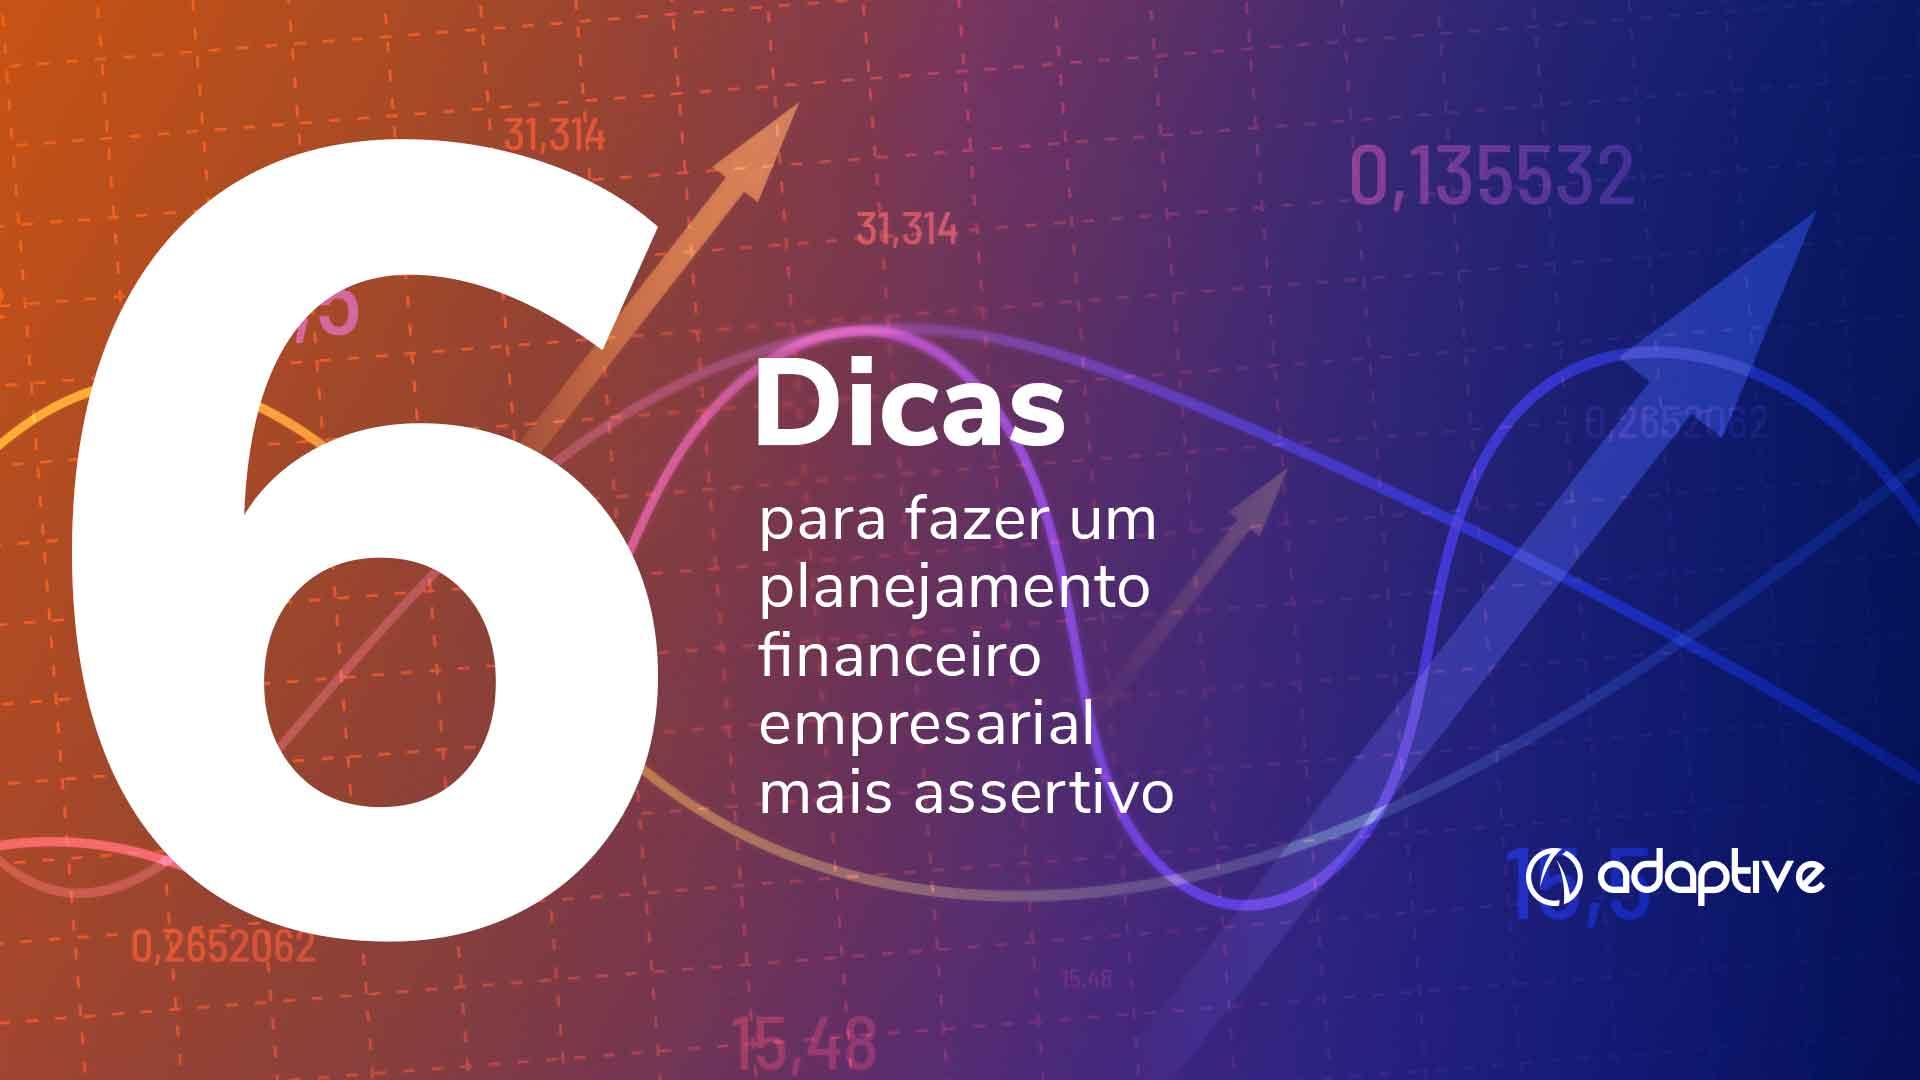 Planejmamento financeiro empresarial